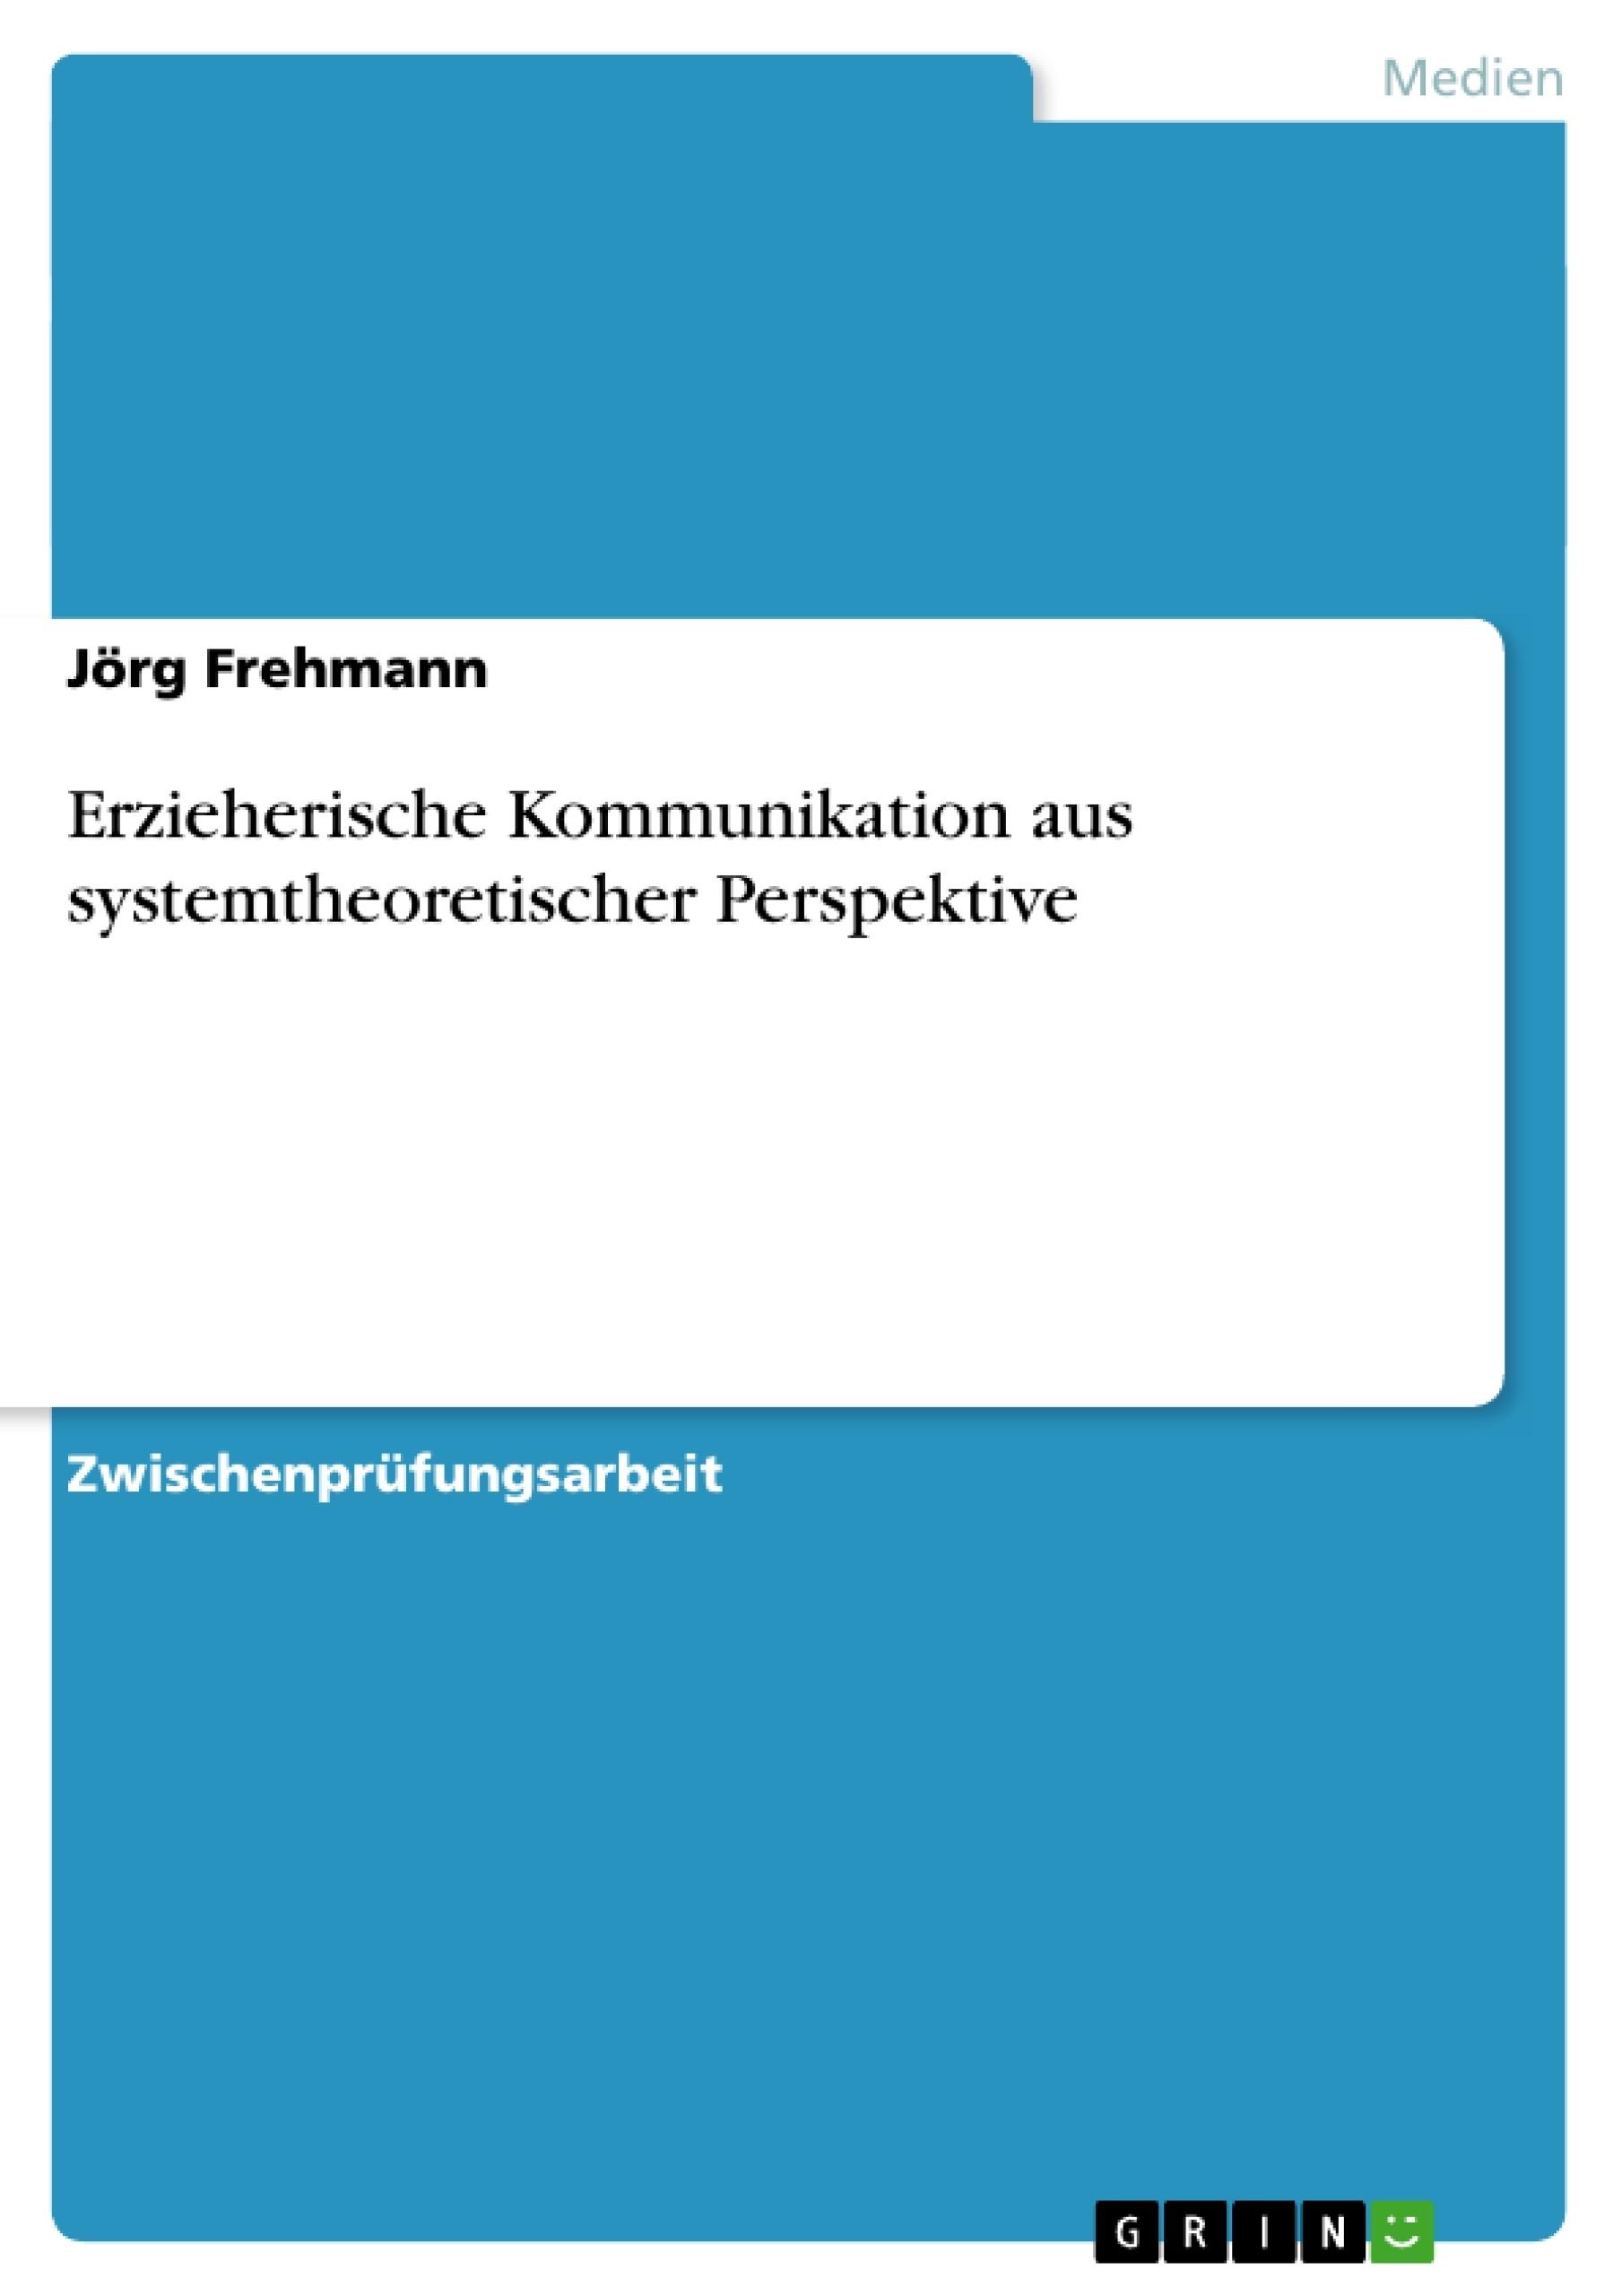 Titel: Erzieherische Kommunikation aus systemtheoretischer Perspektive